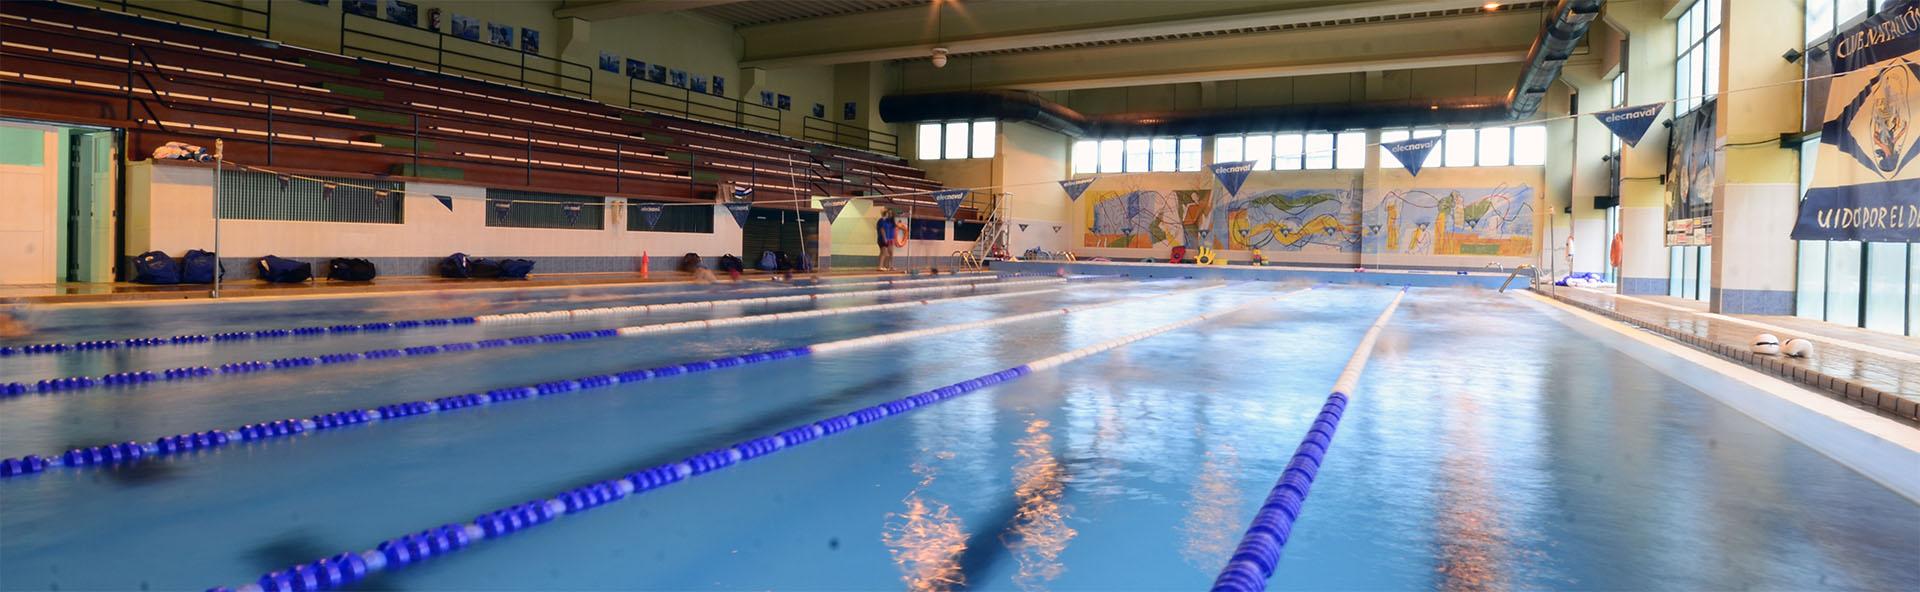 Club de Natación Ferrol